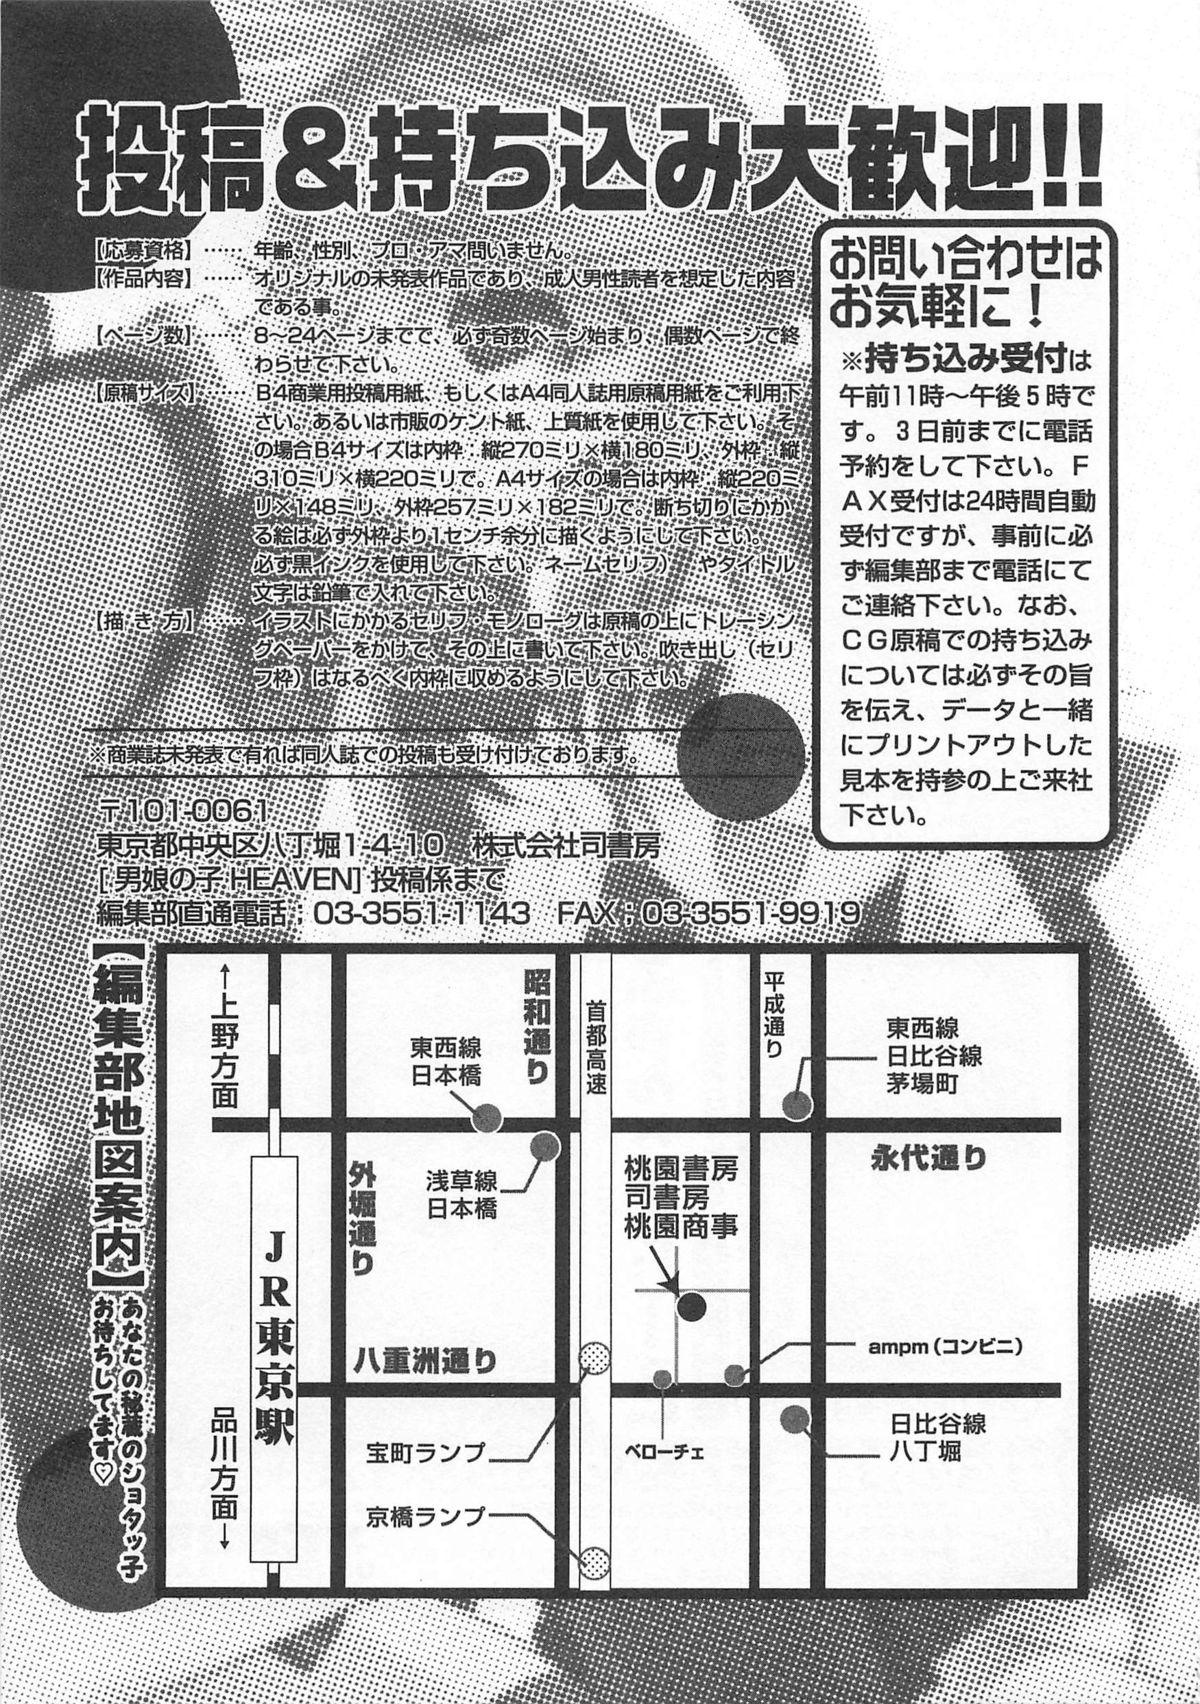 Otokonoko HEAVEN Vol. 01 Meganekko 163